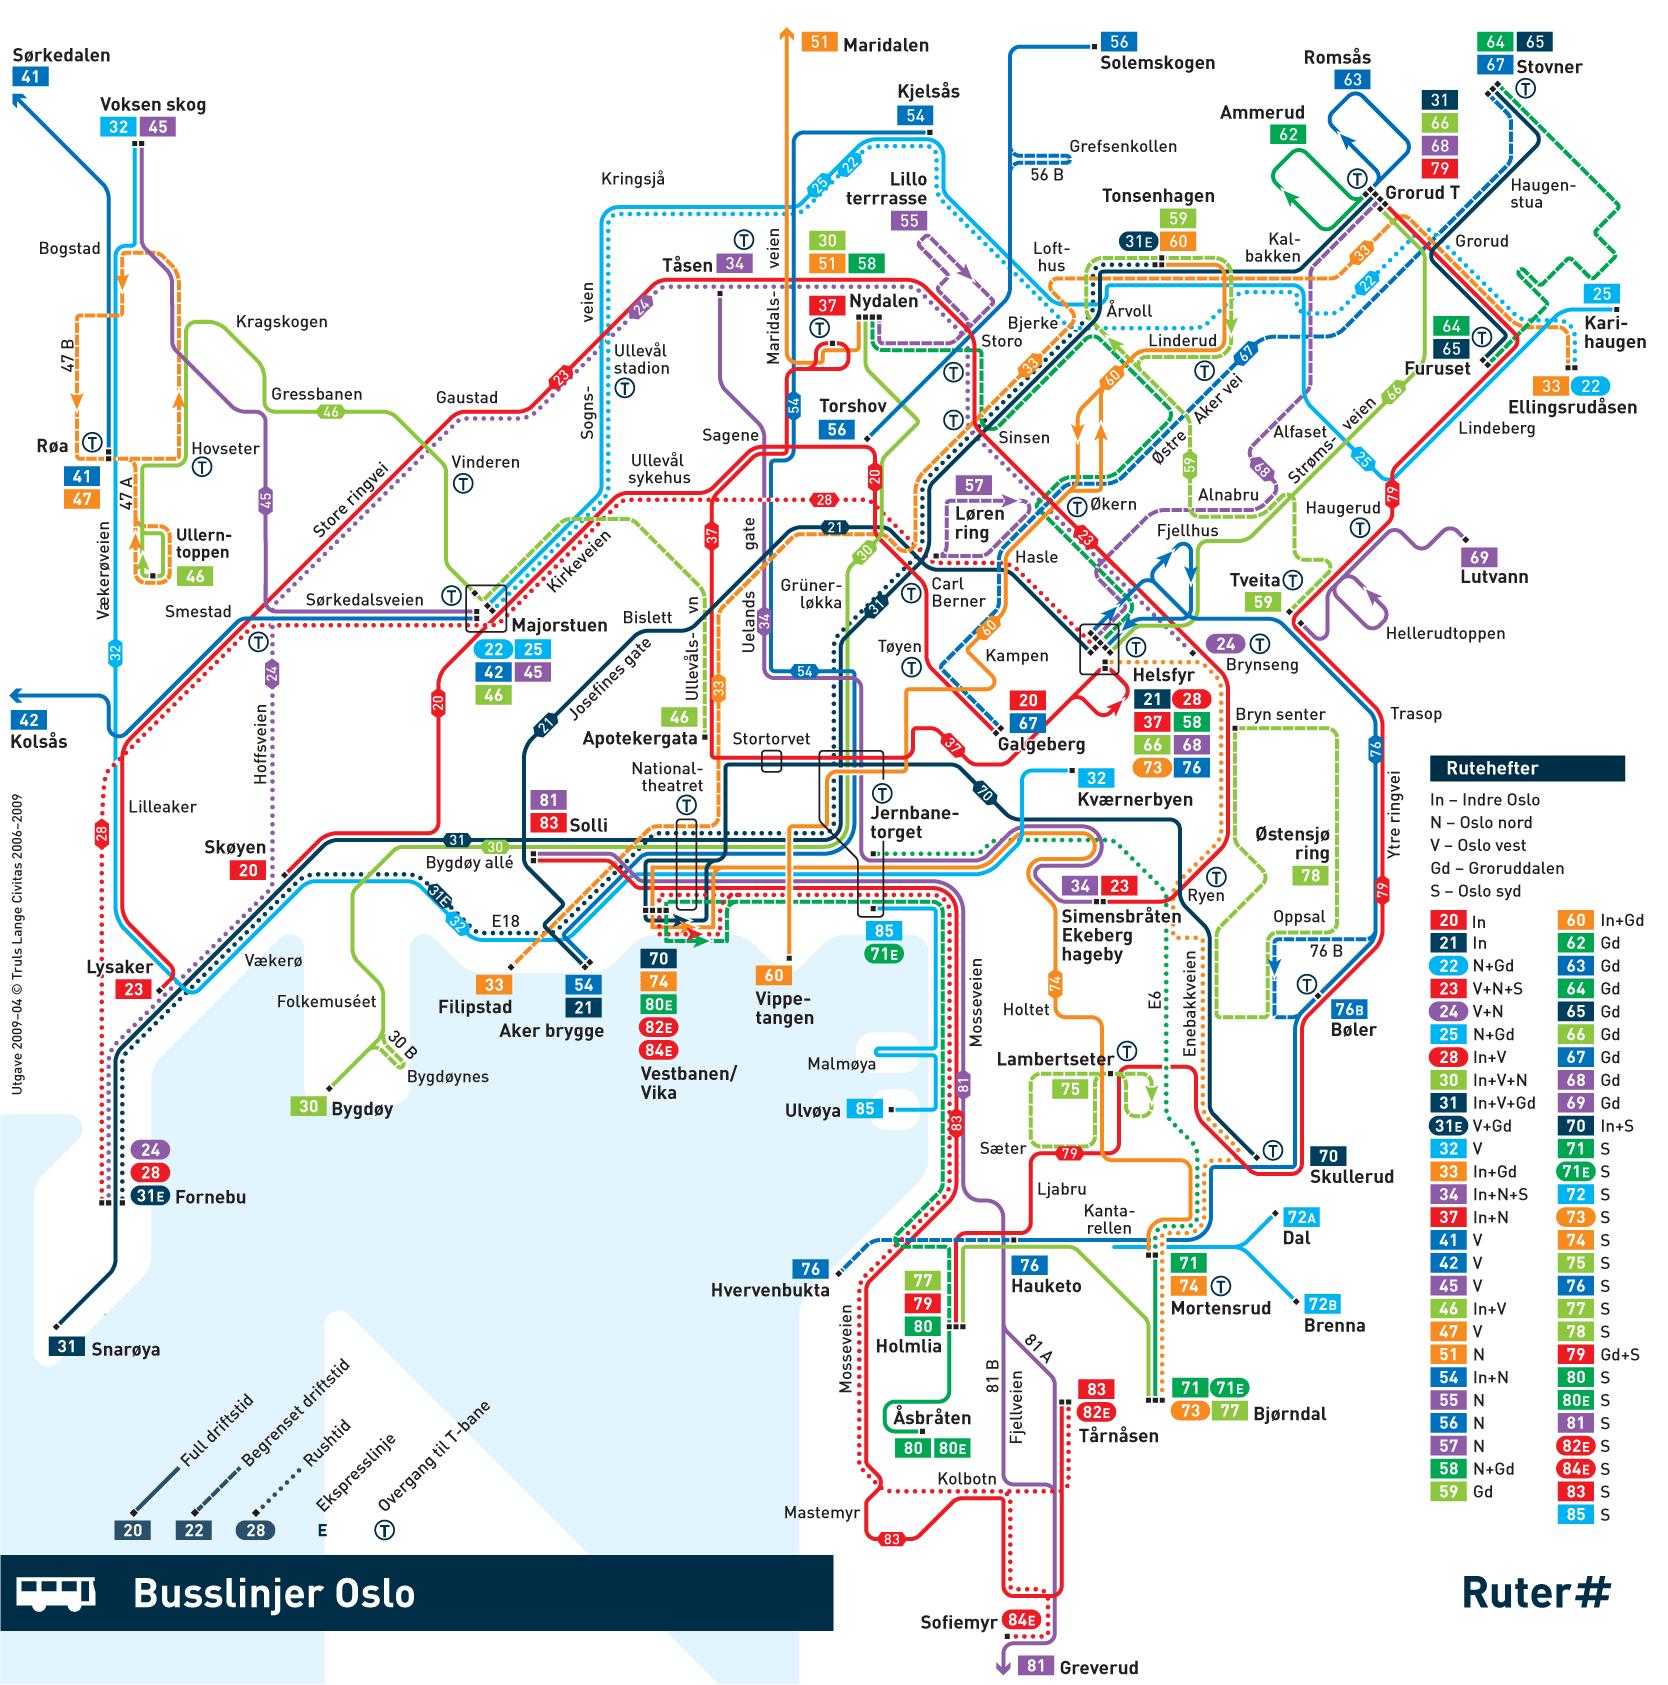 busslinjer oslo kart Oslo Bus Map • Mapsof.net busslinjer oslo kart